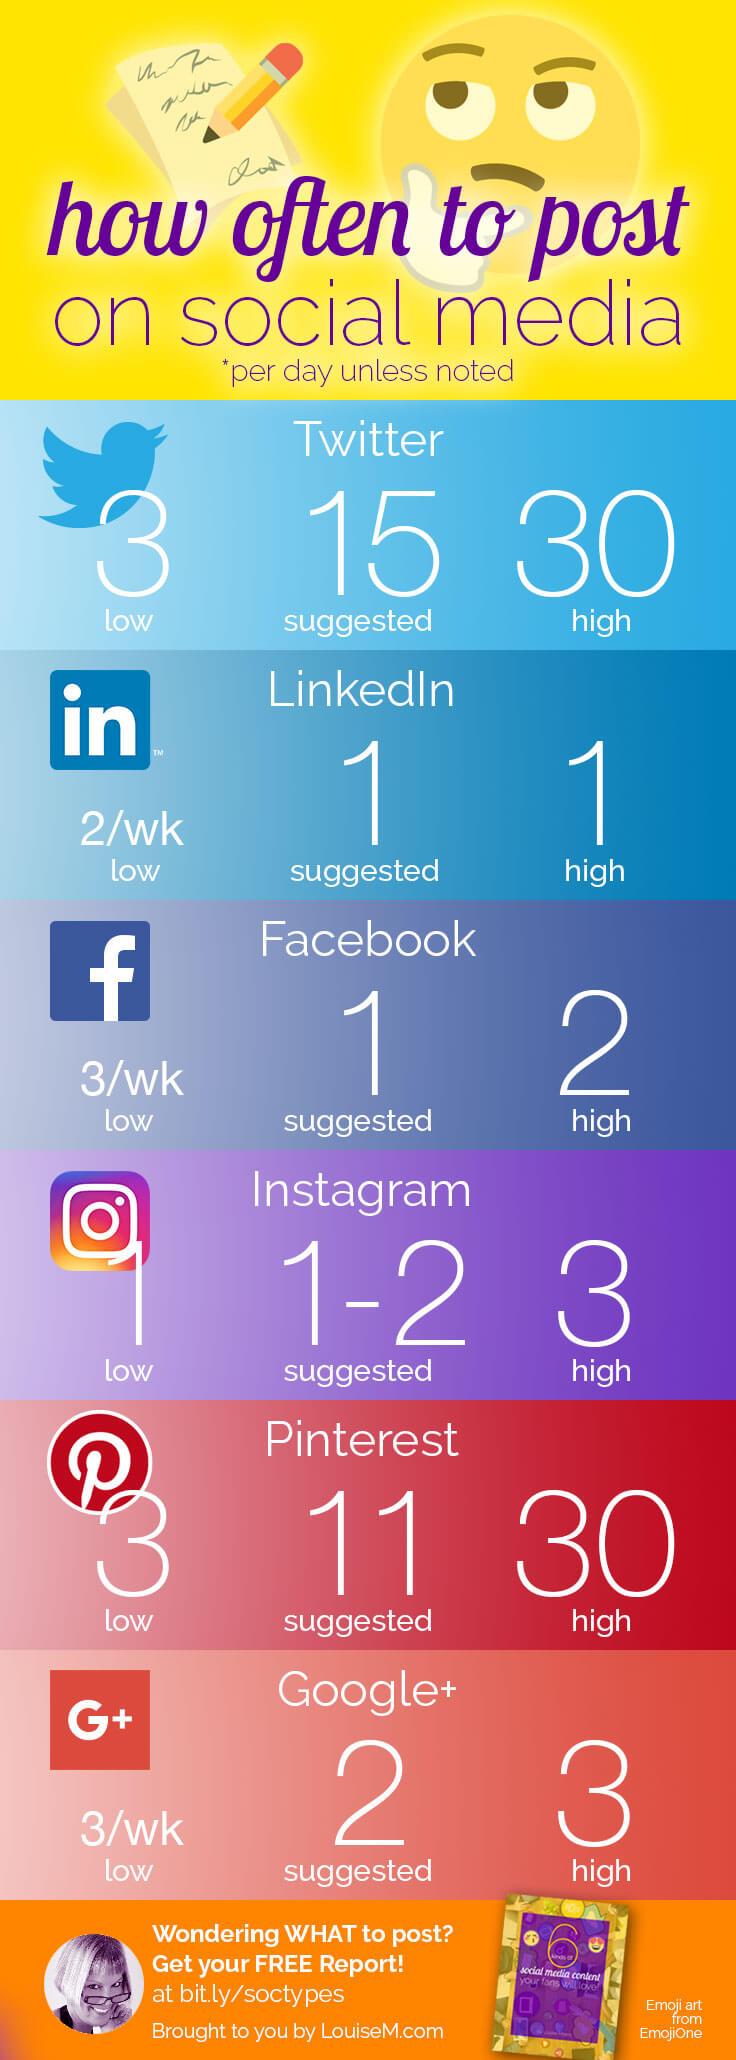 how-often-post-social-media-infographic